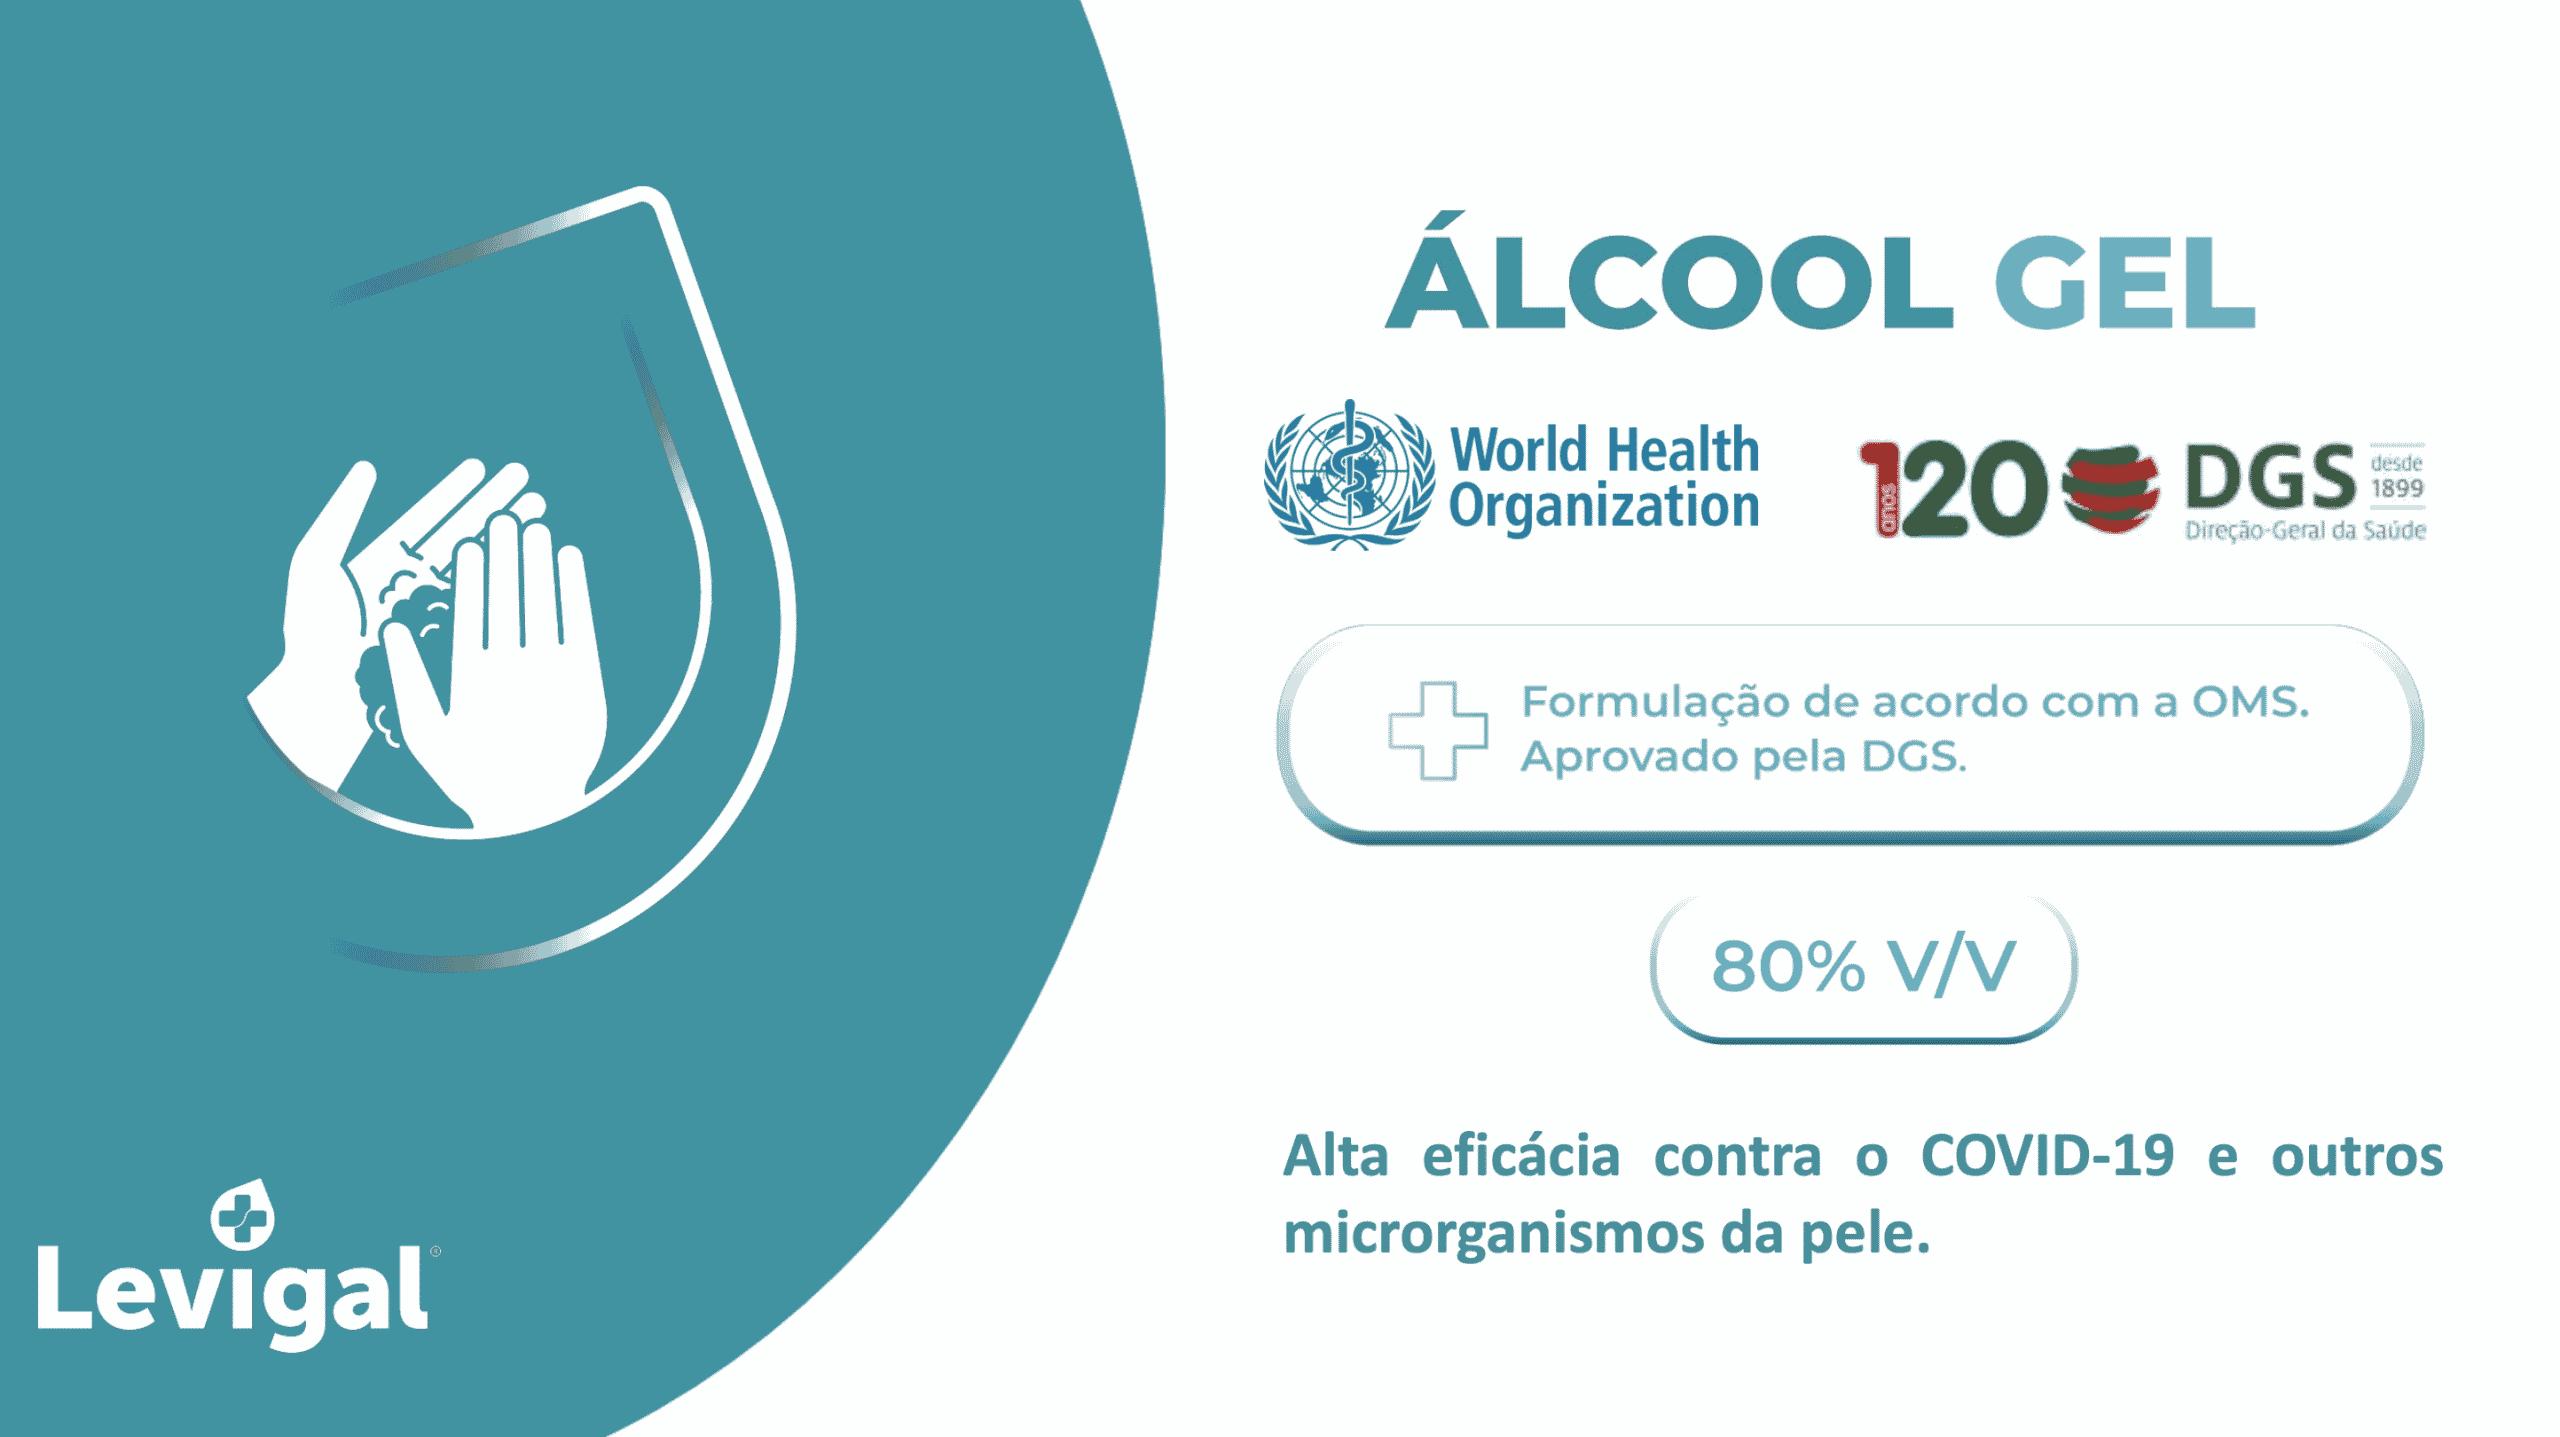 alcool gel certificado